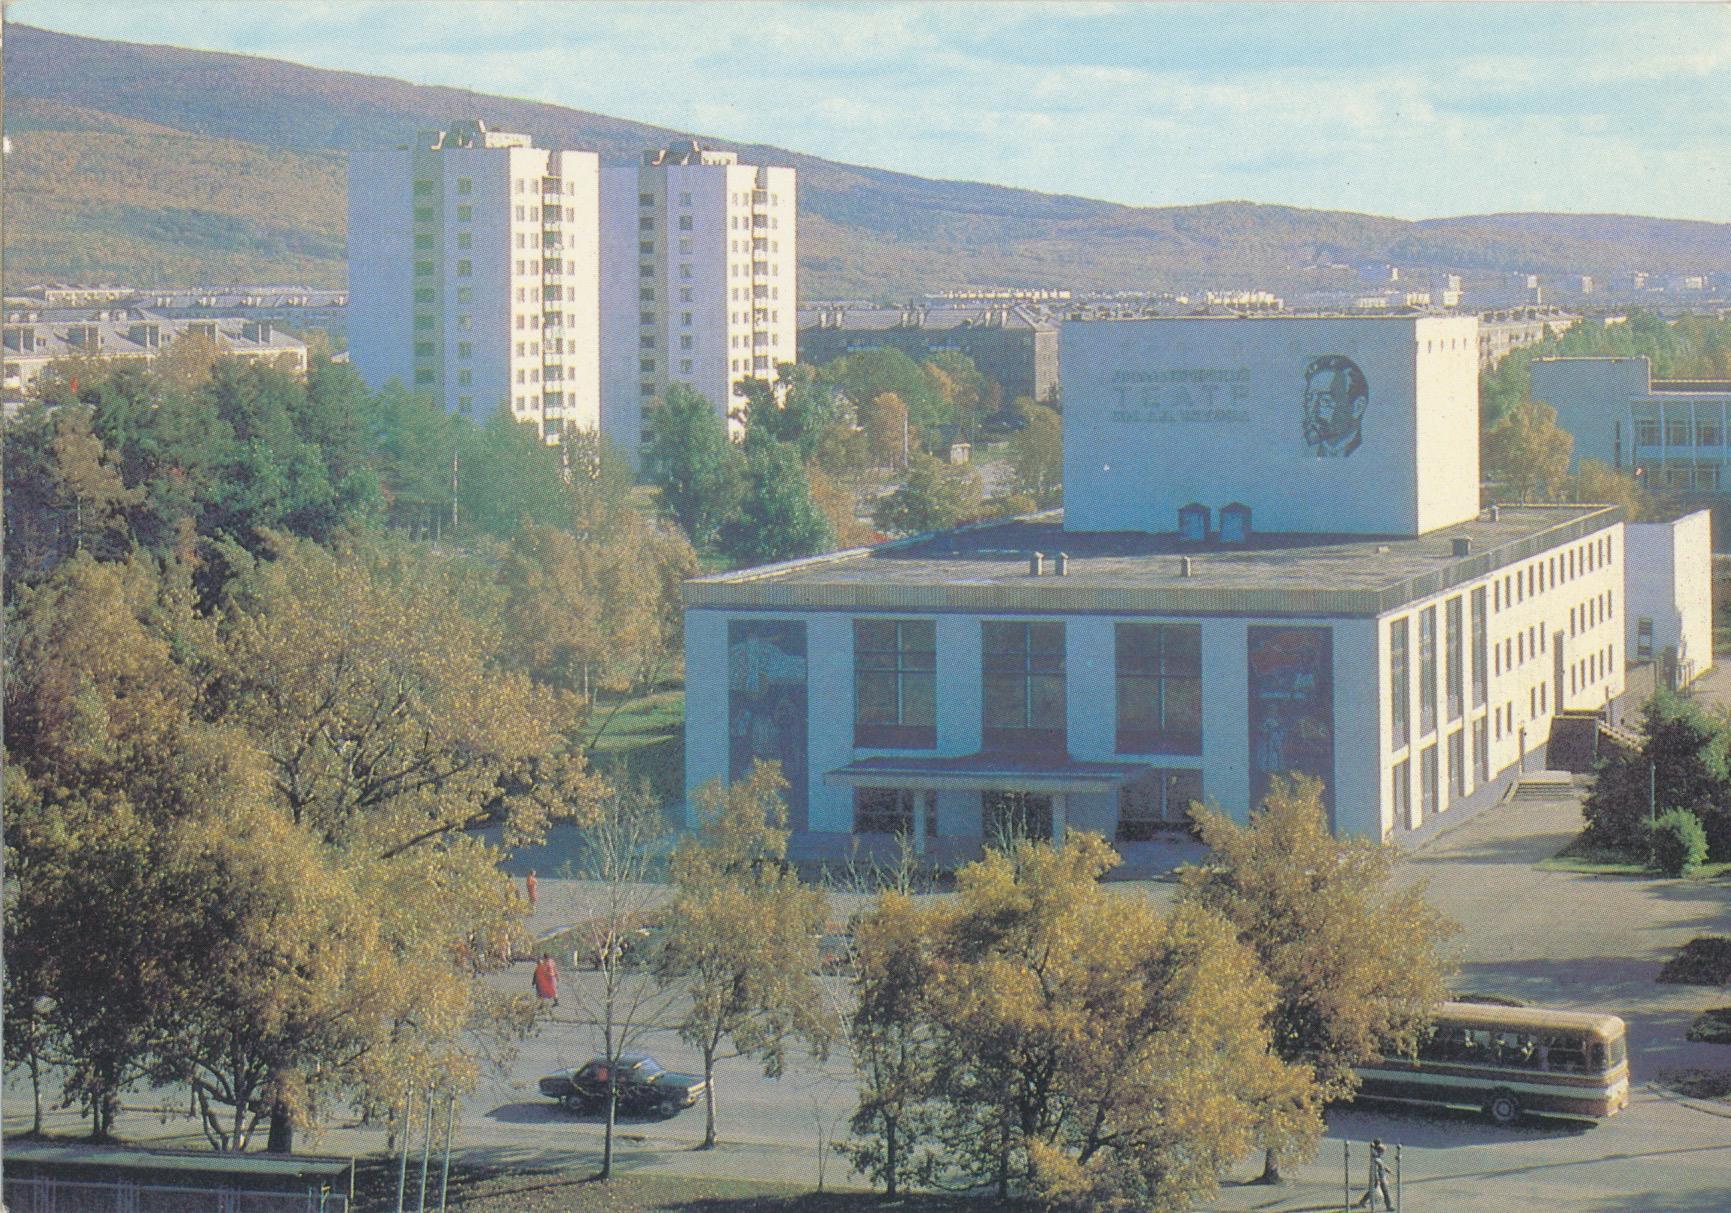 Южно-Сахалинск. Драматический театр имени А.П. Чехова.